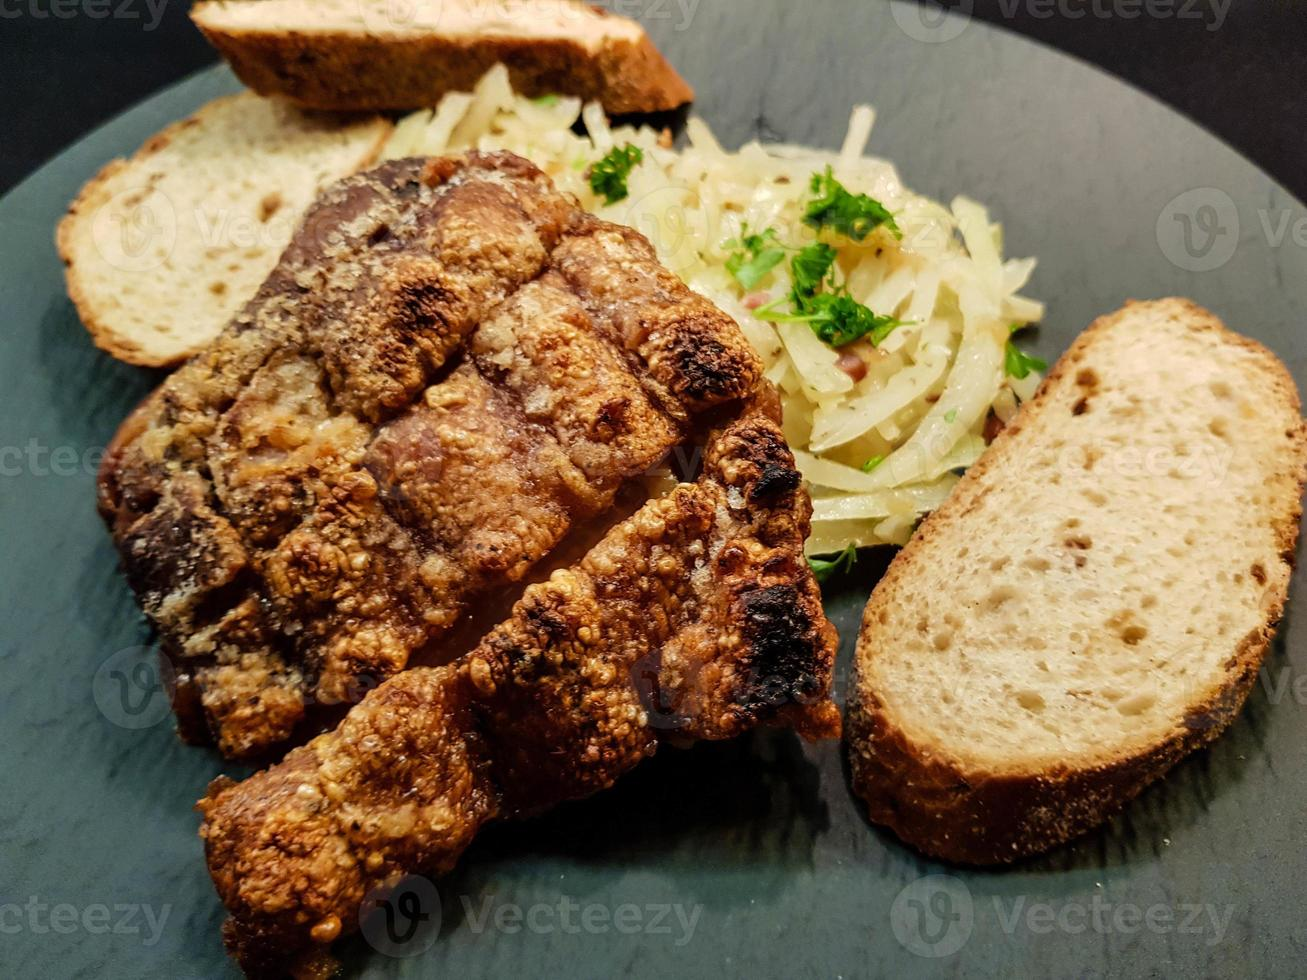 Stinco di maiale con crauti e pane foto